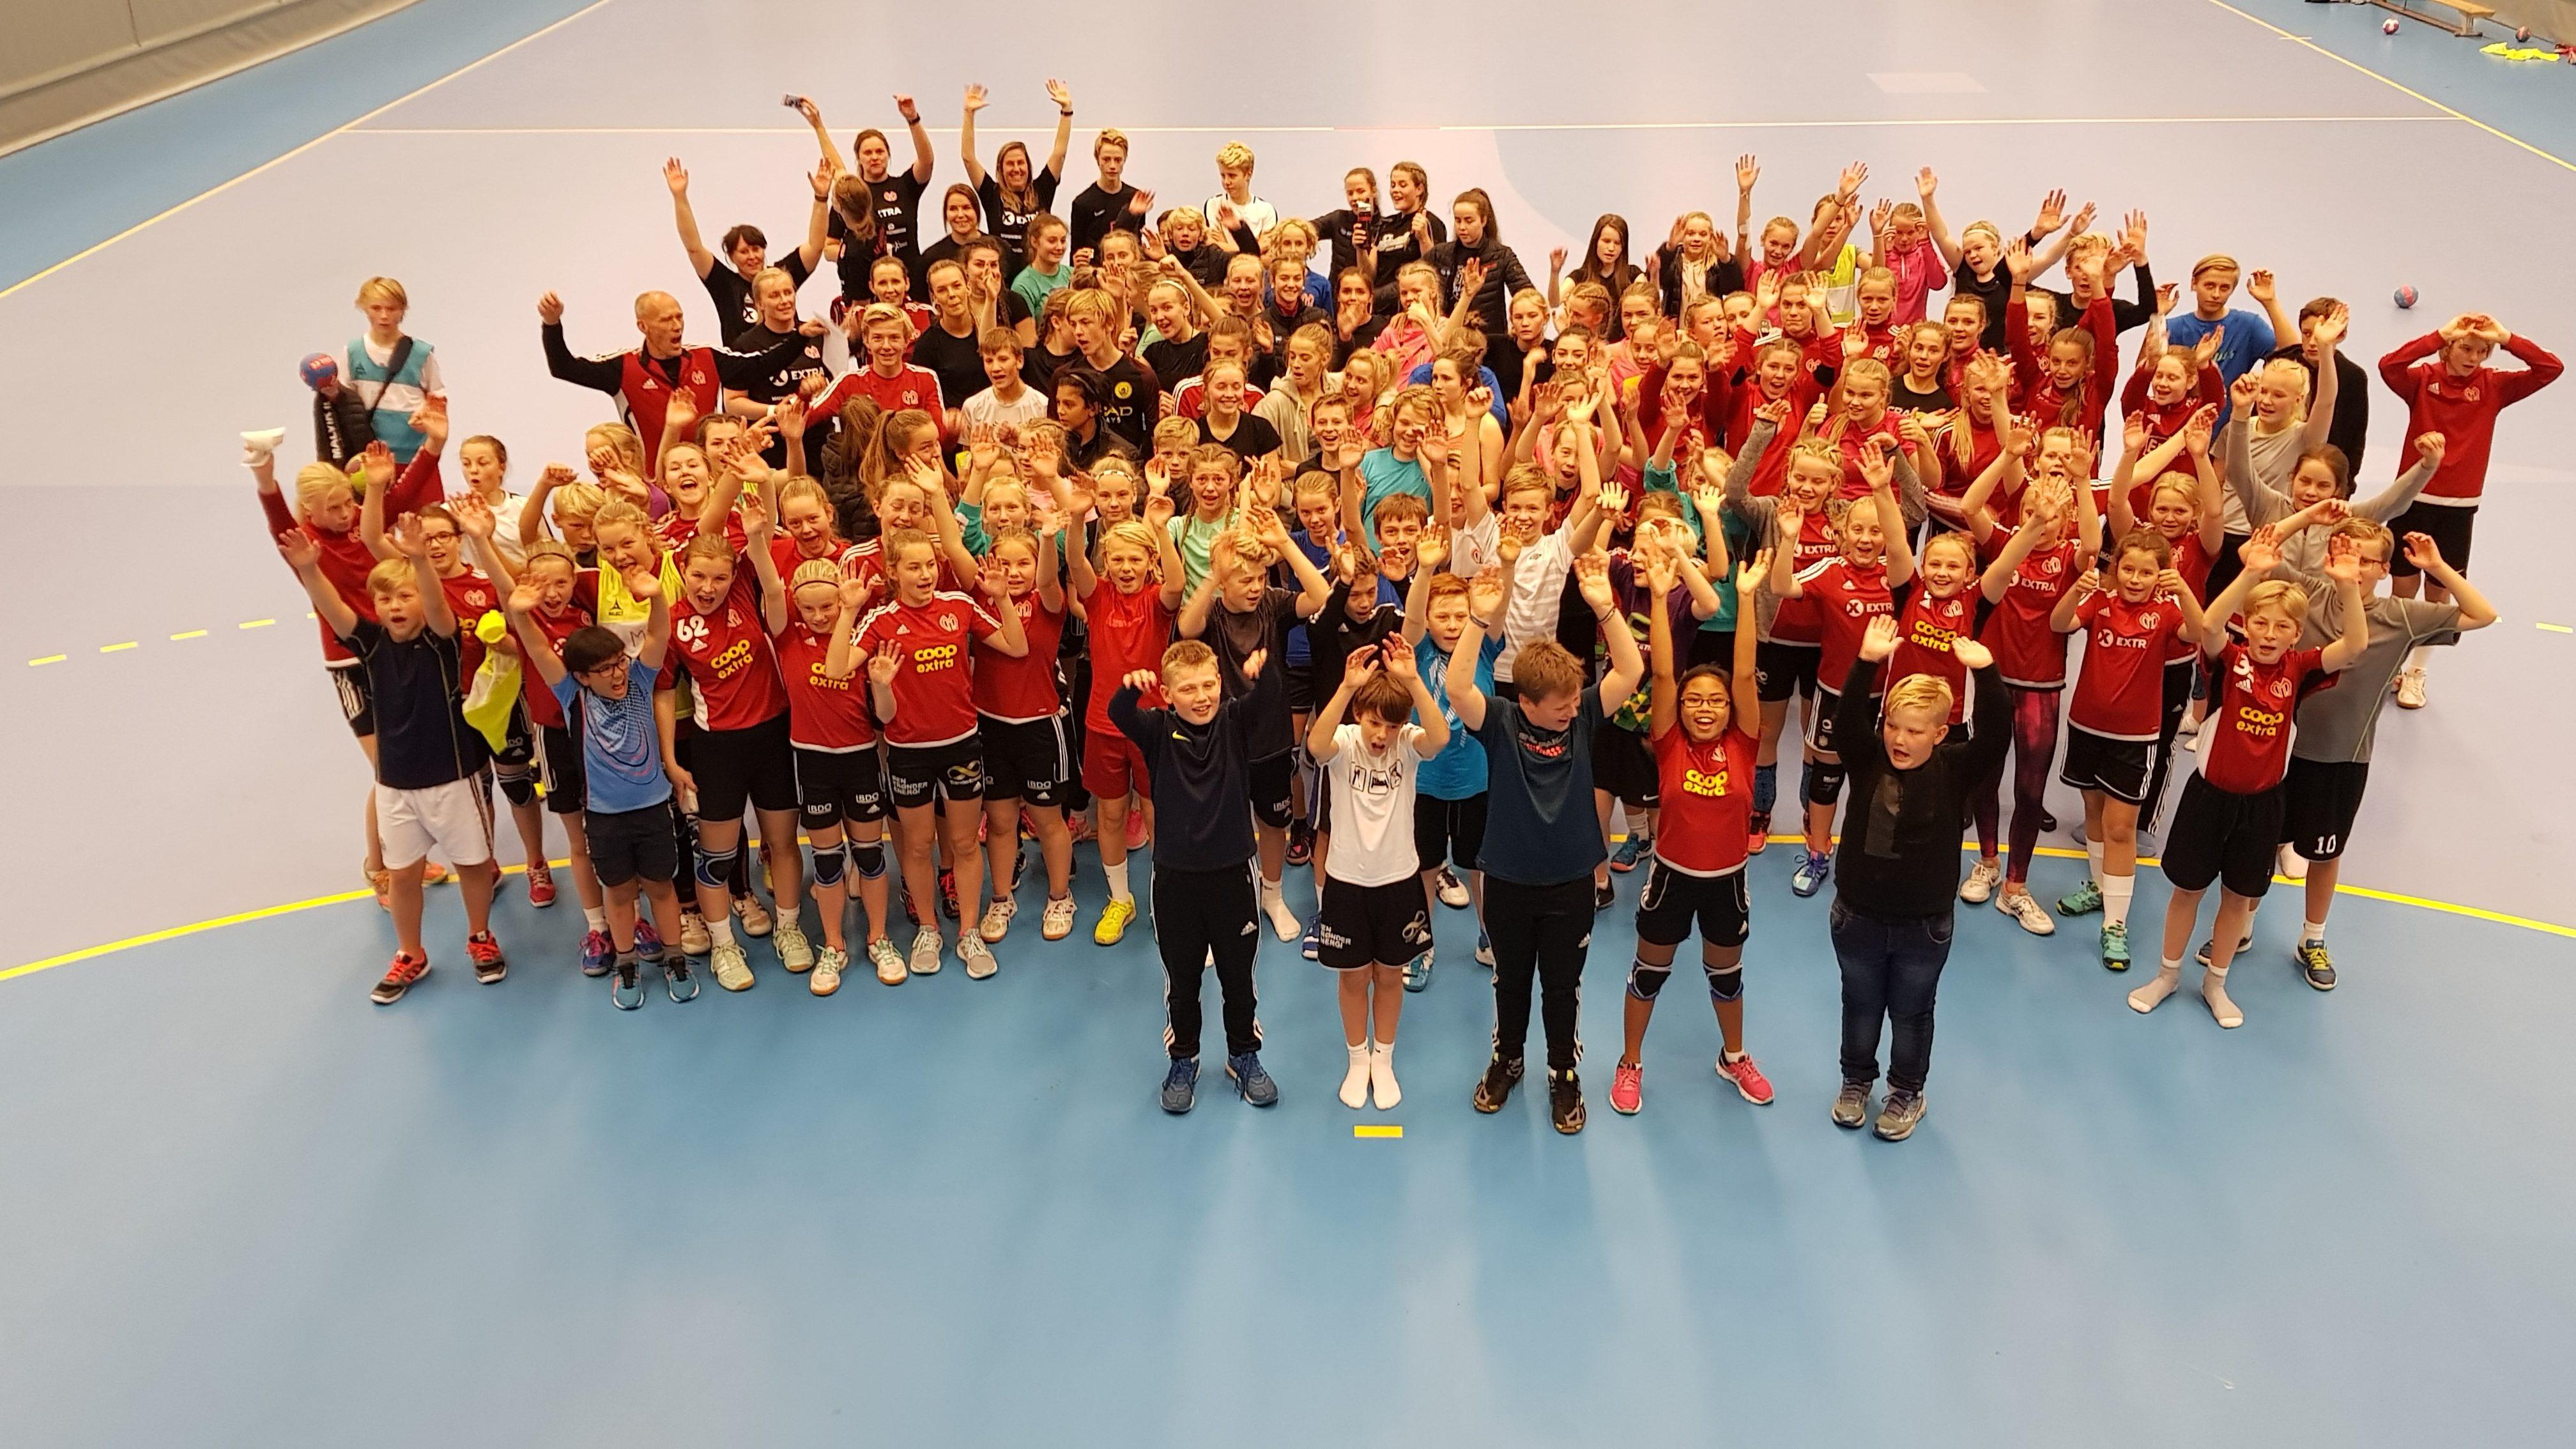 Årets Treningssamling På Røros 29.09 – 01.10